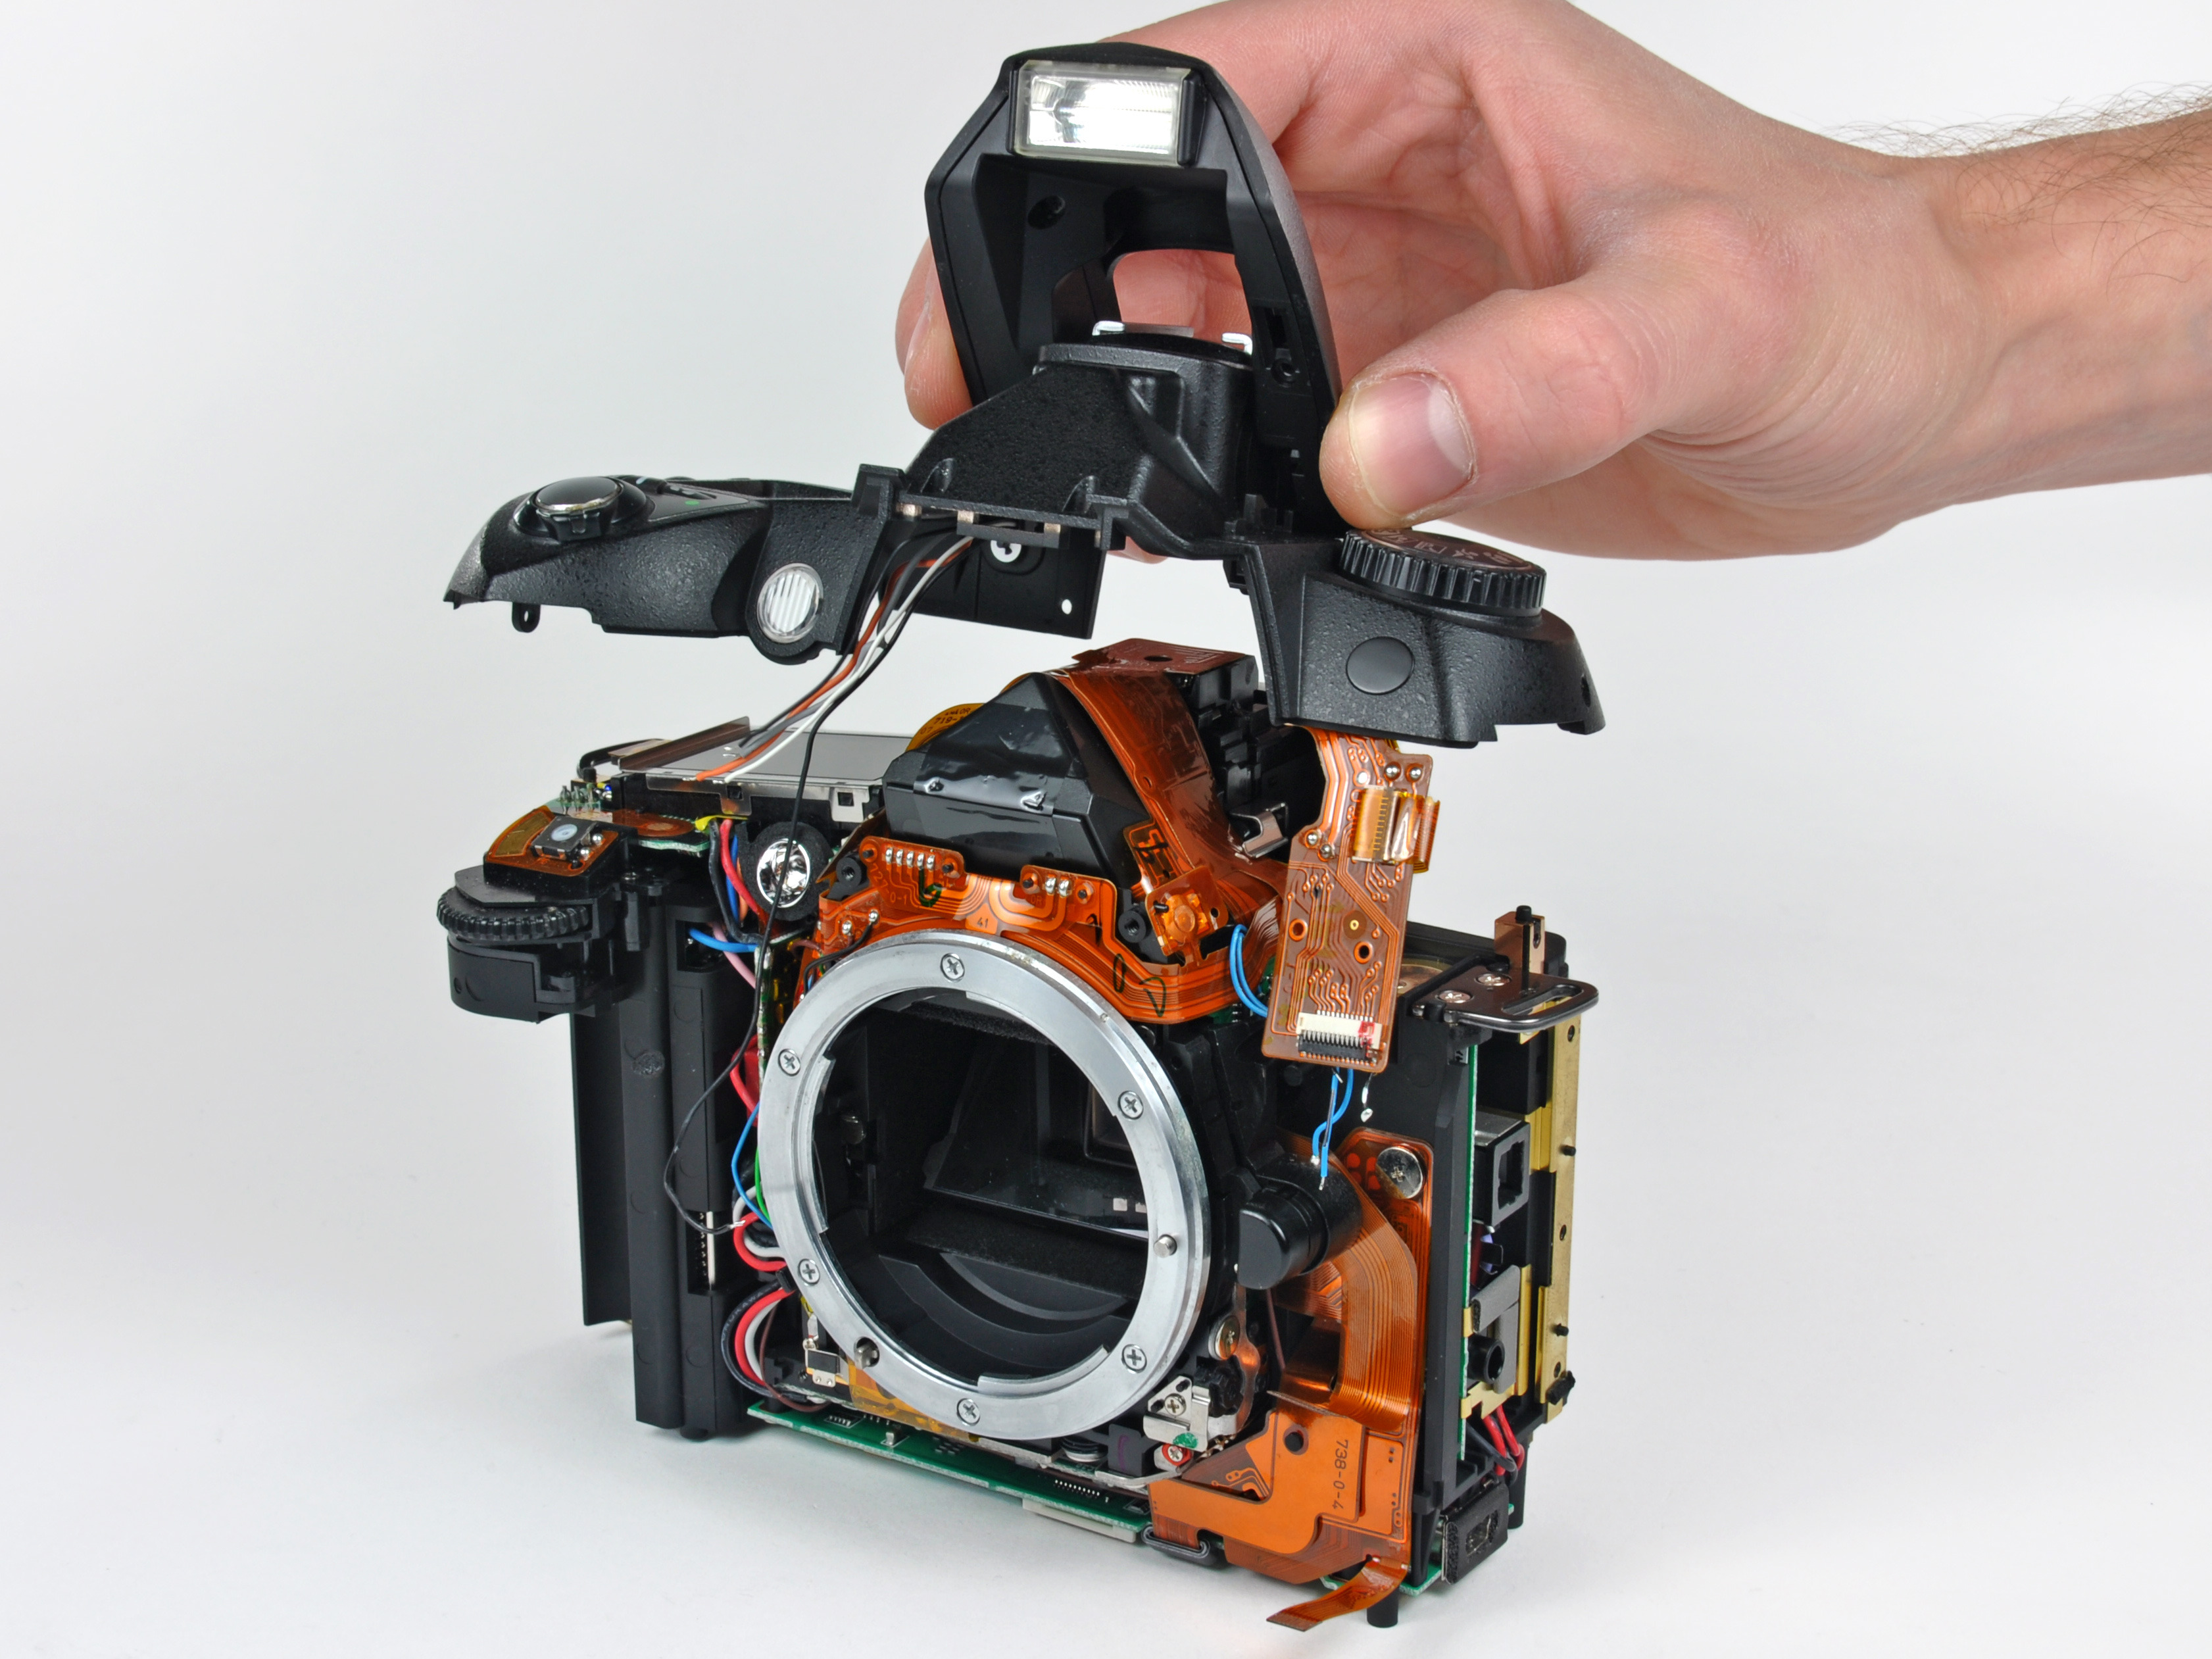 Ремонт цифровых фотоаппаратов своими руками